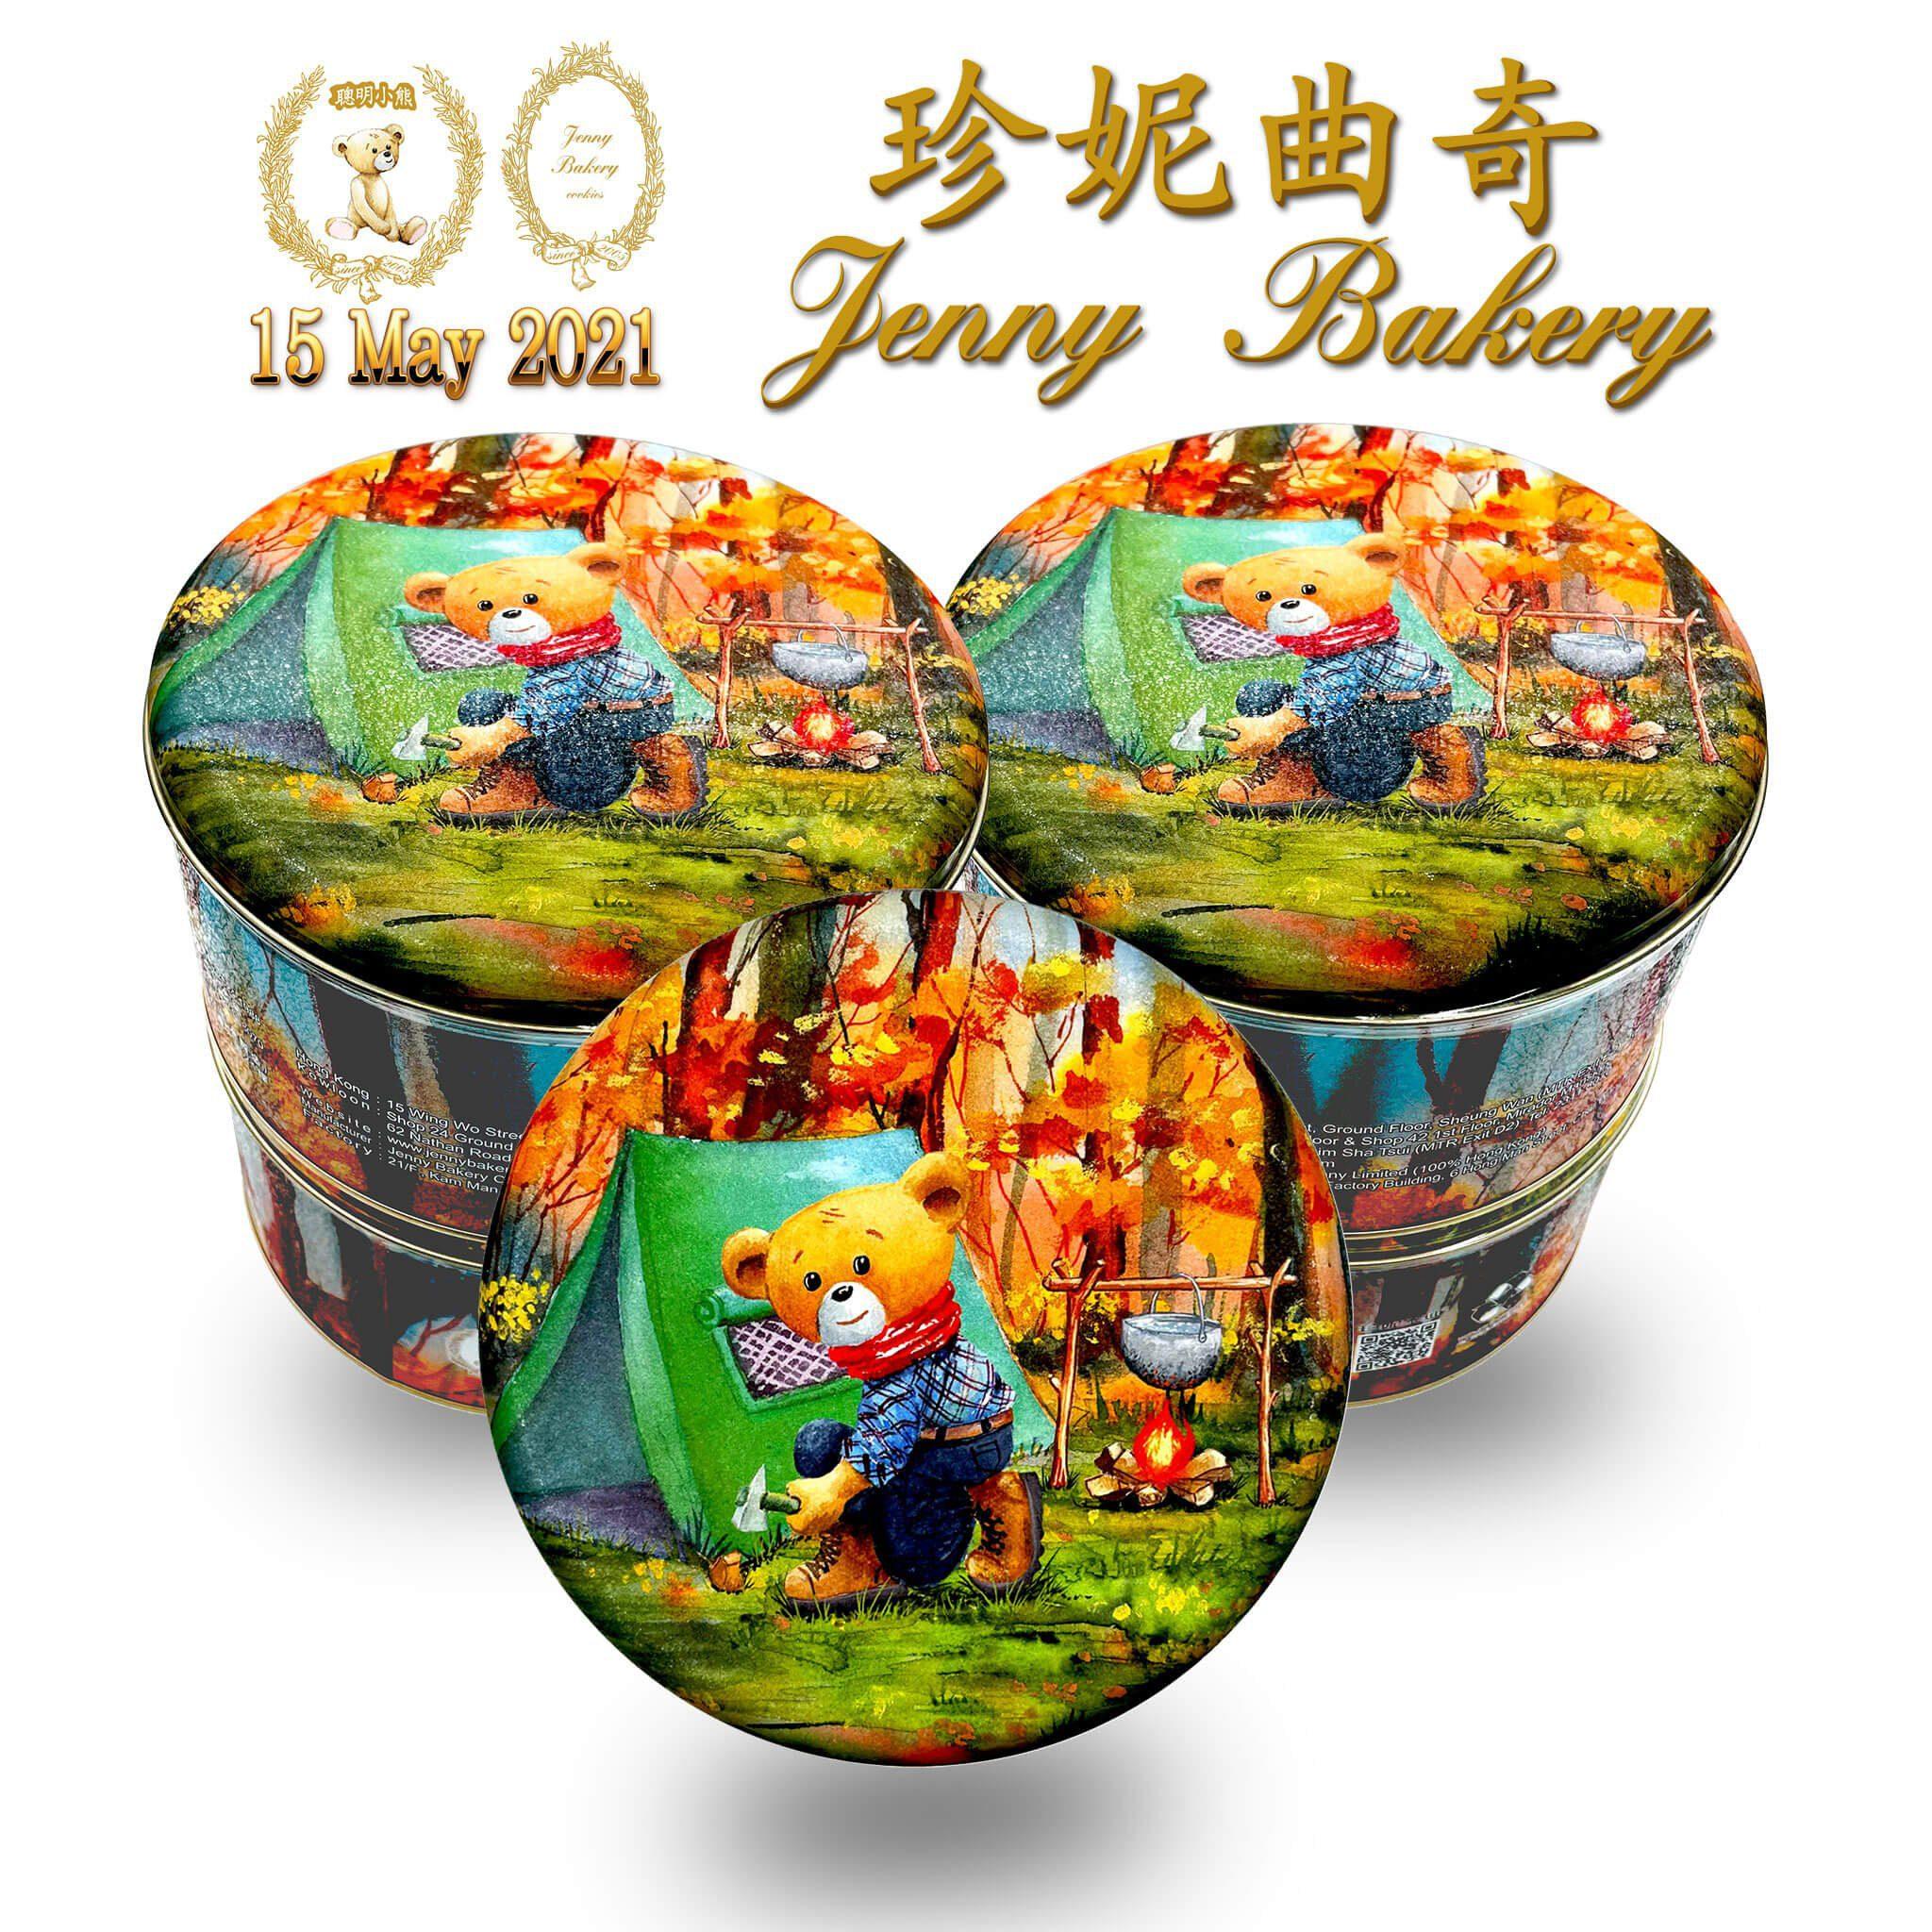 Jenny Bakery Hong Kong | Design20210518 Camping